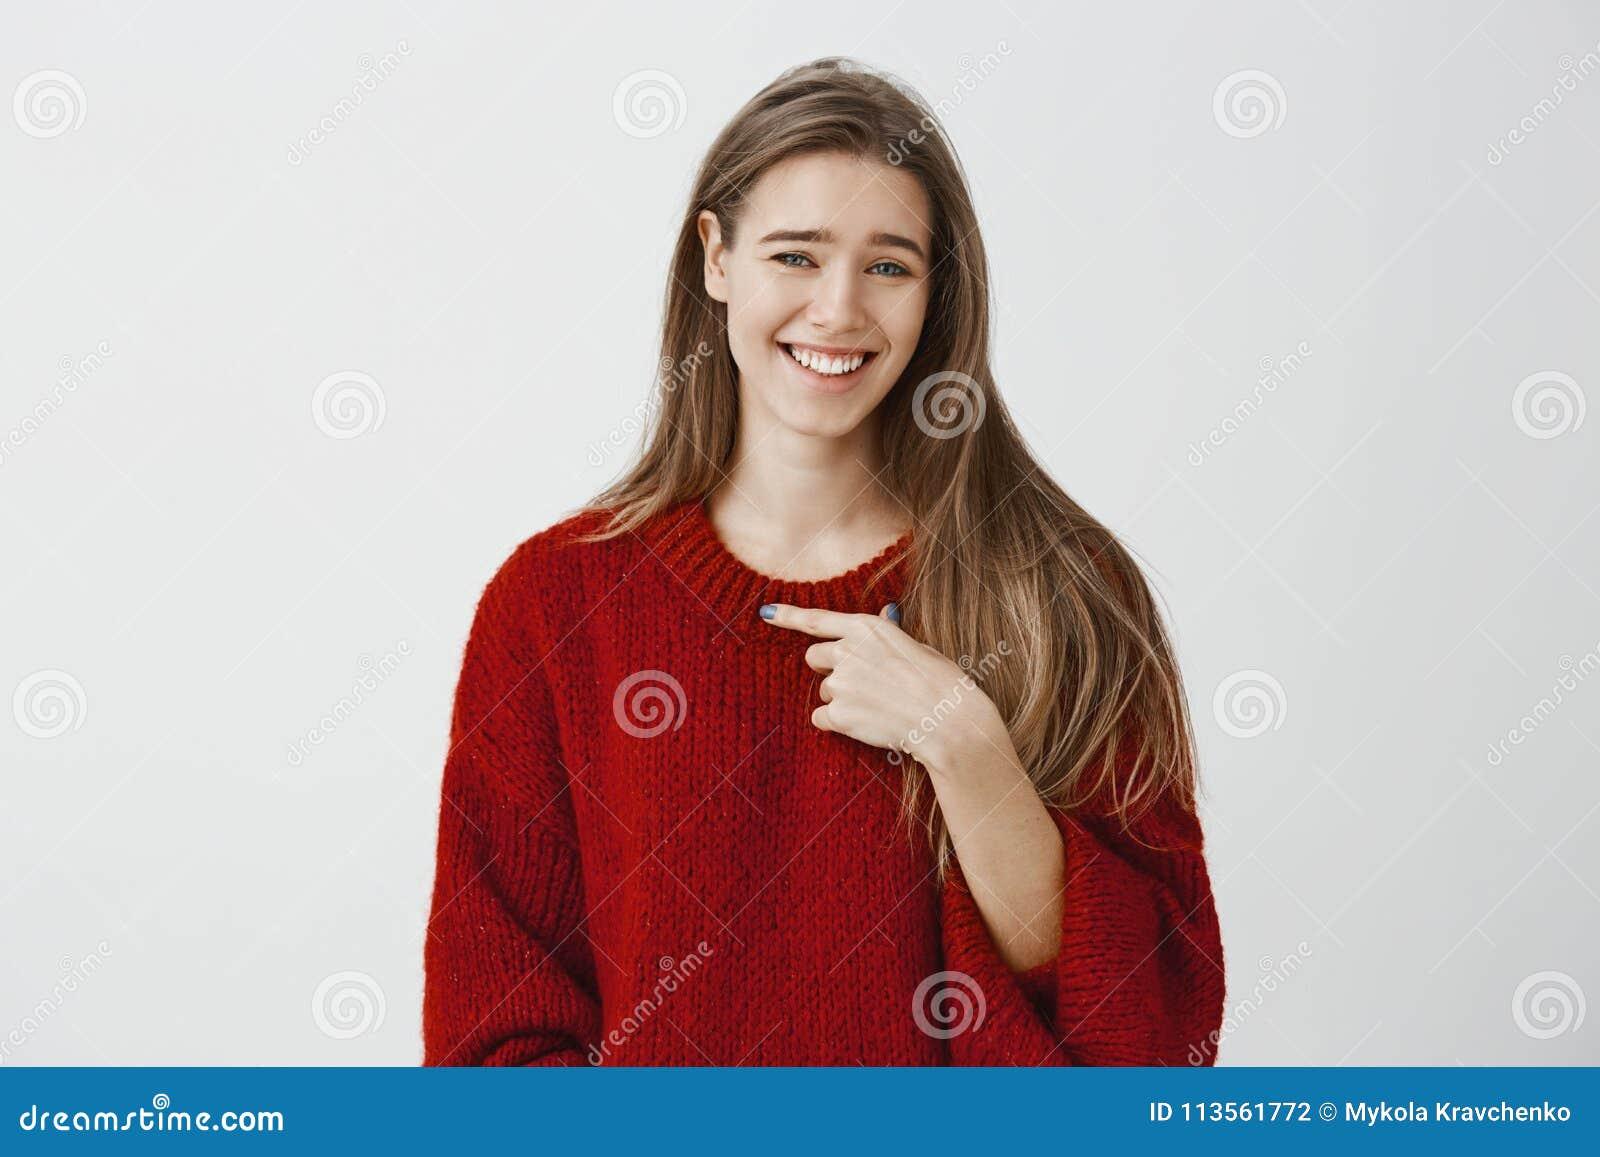 Vem jag, inte gör mig att skratta Stående av att försmå bekymmerslösa känslobetonade europeiska kvinnor i röd lös tröja som pekar